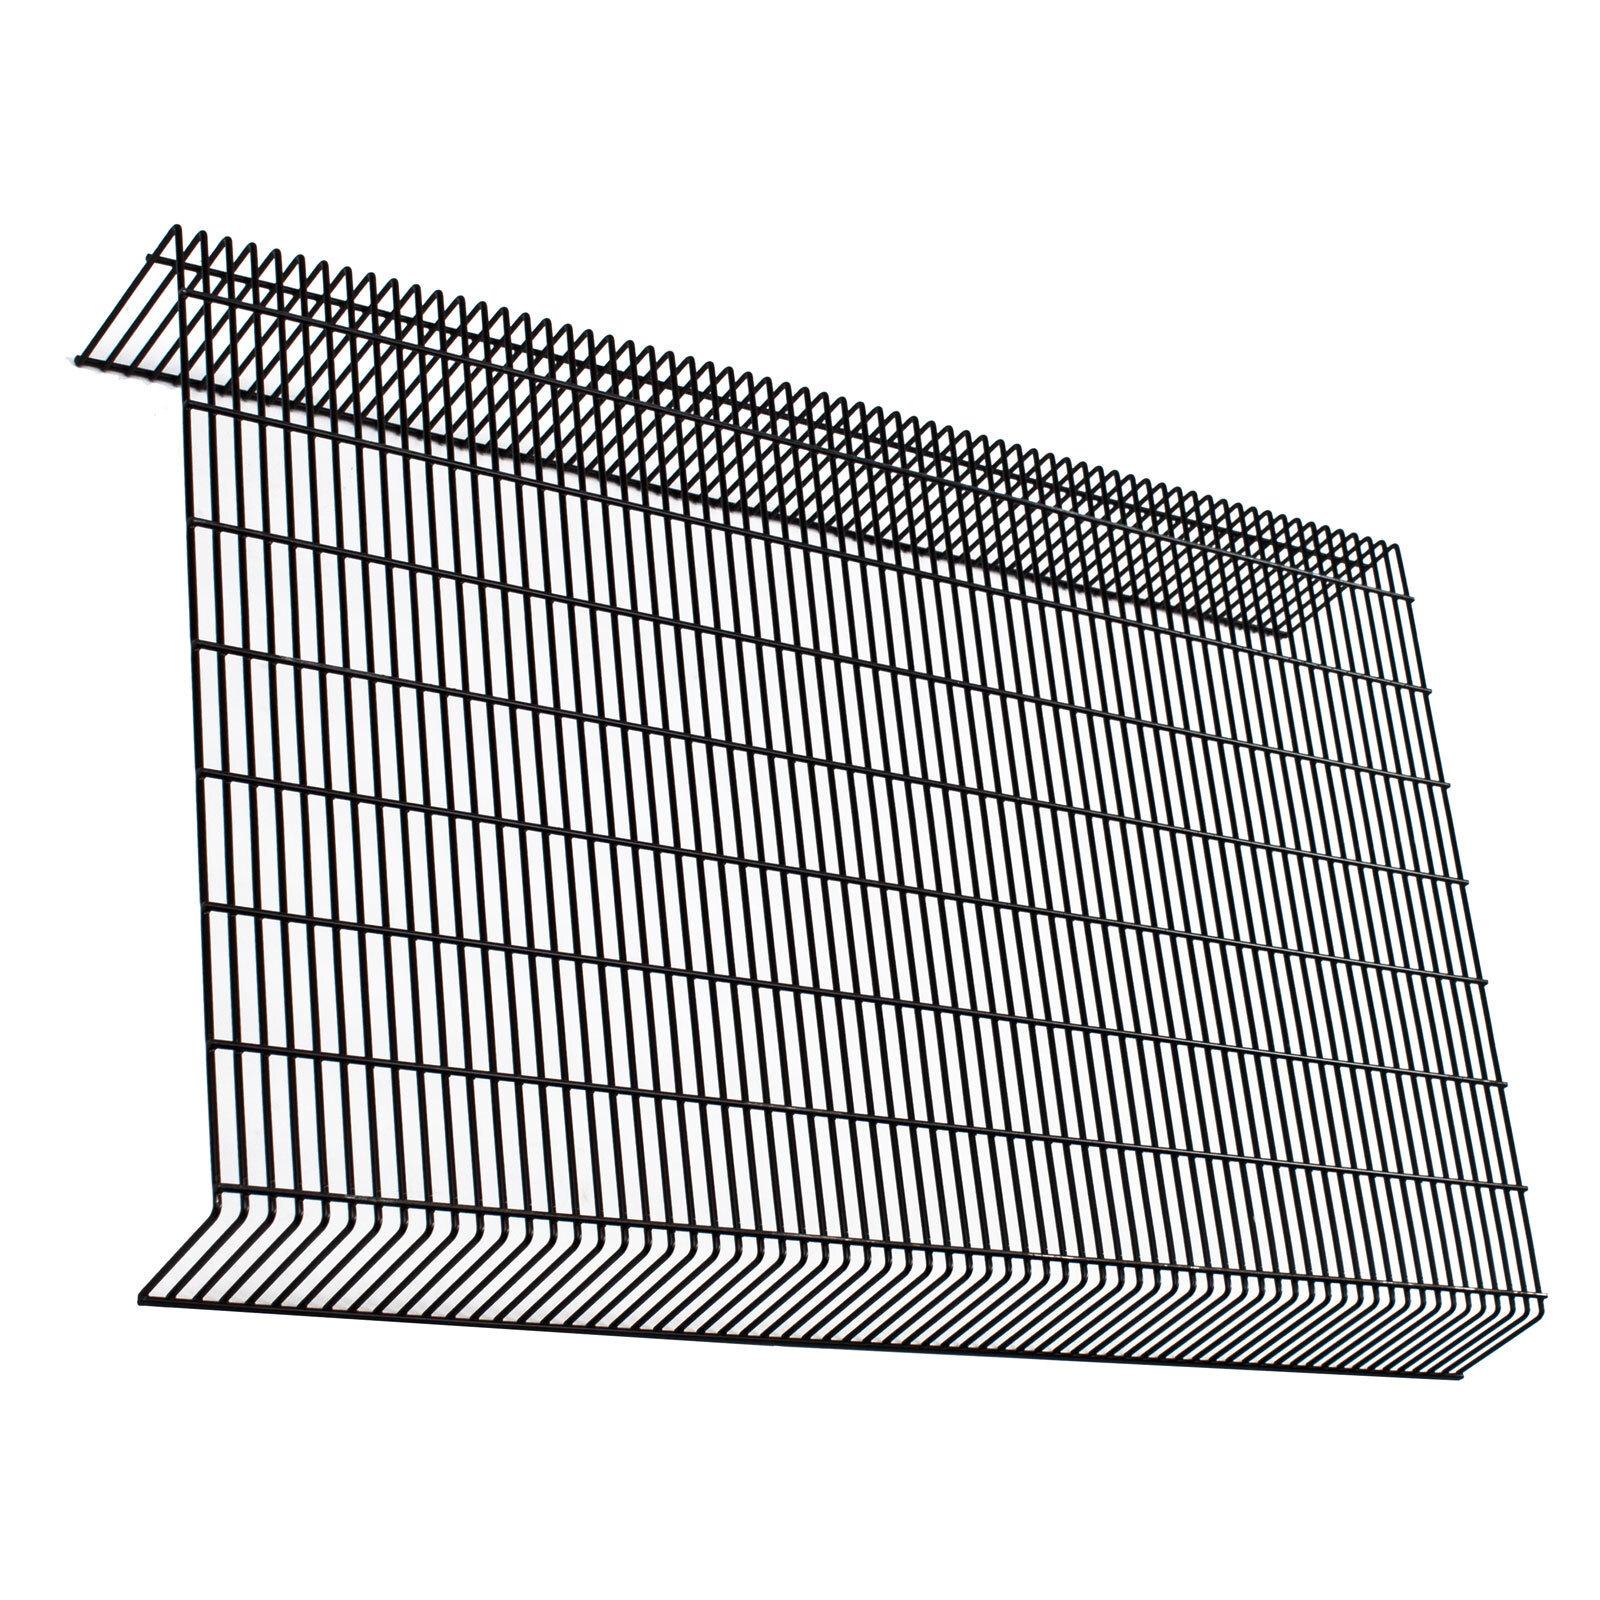 Lüfterrad Kompressor Art 24517 Gitter Ersatzgitter zweiteilig 75,5x7,5x48 cm f